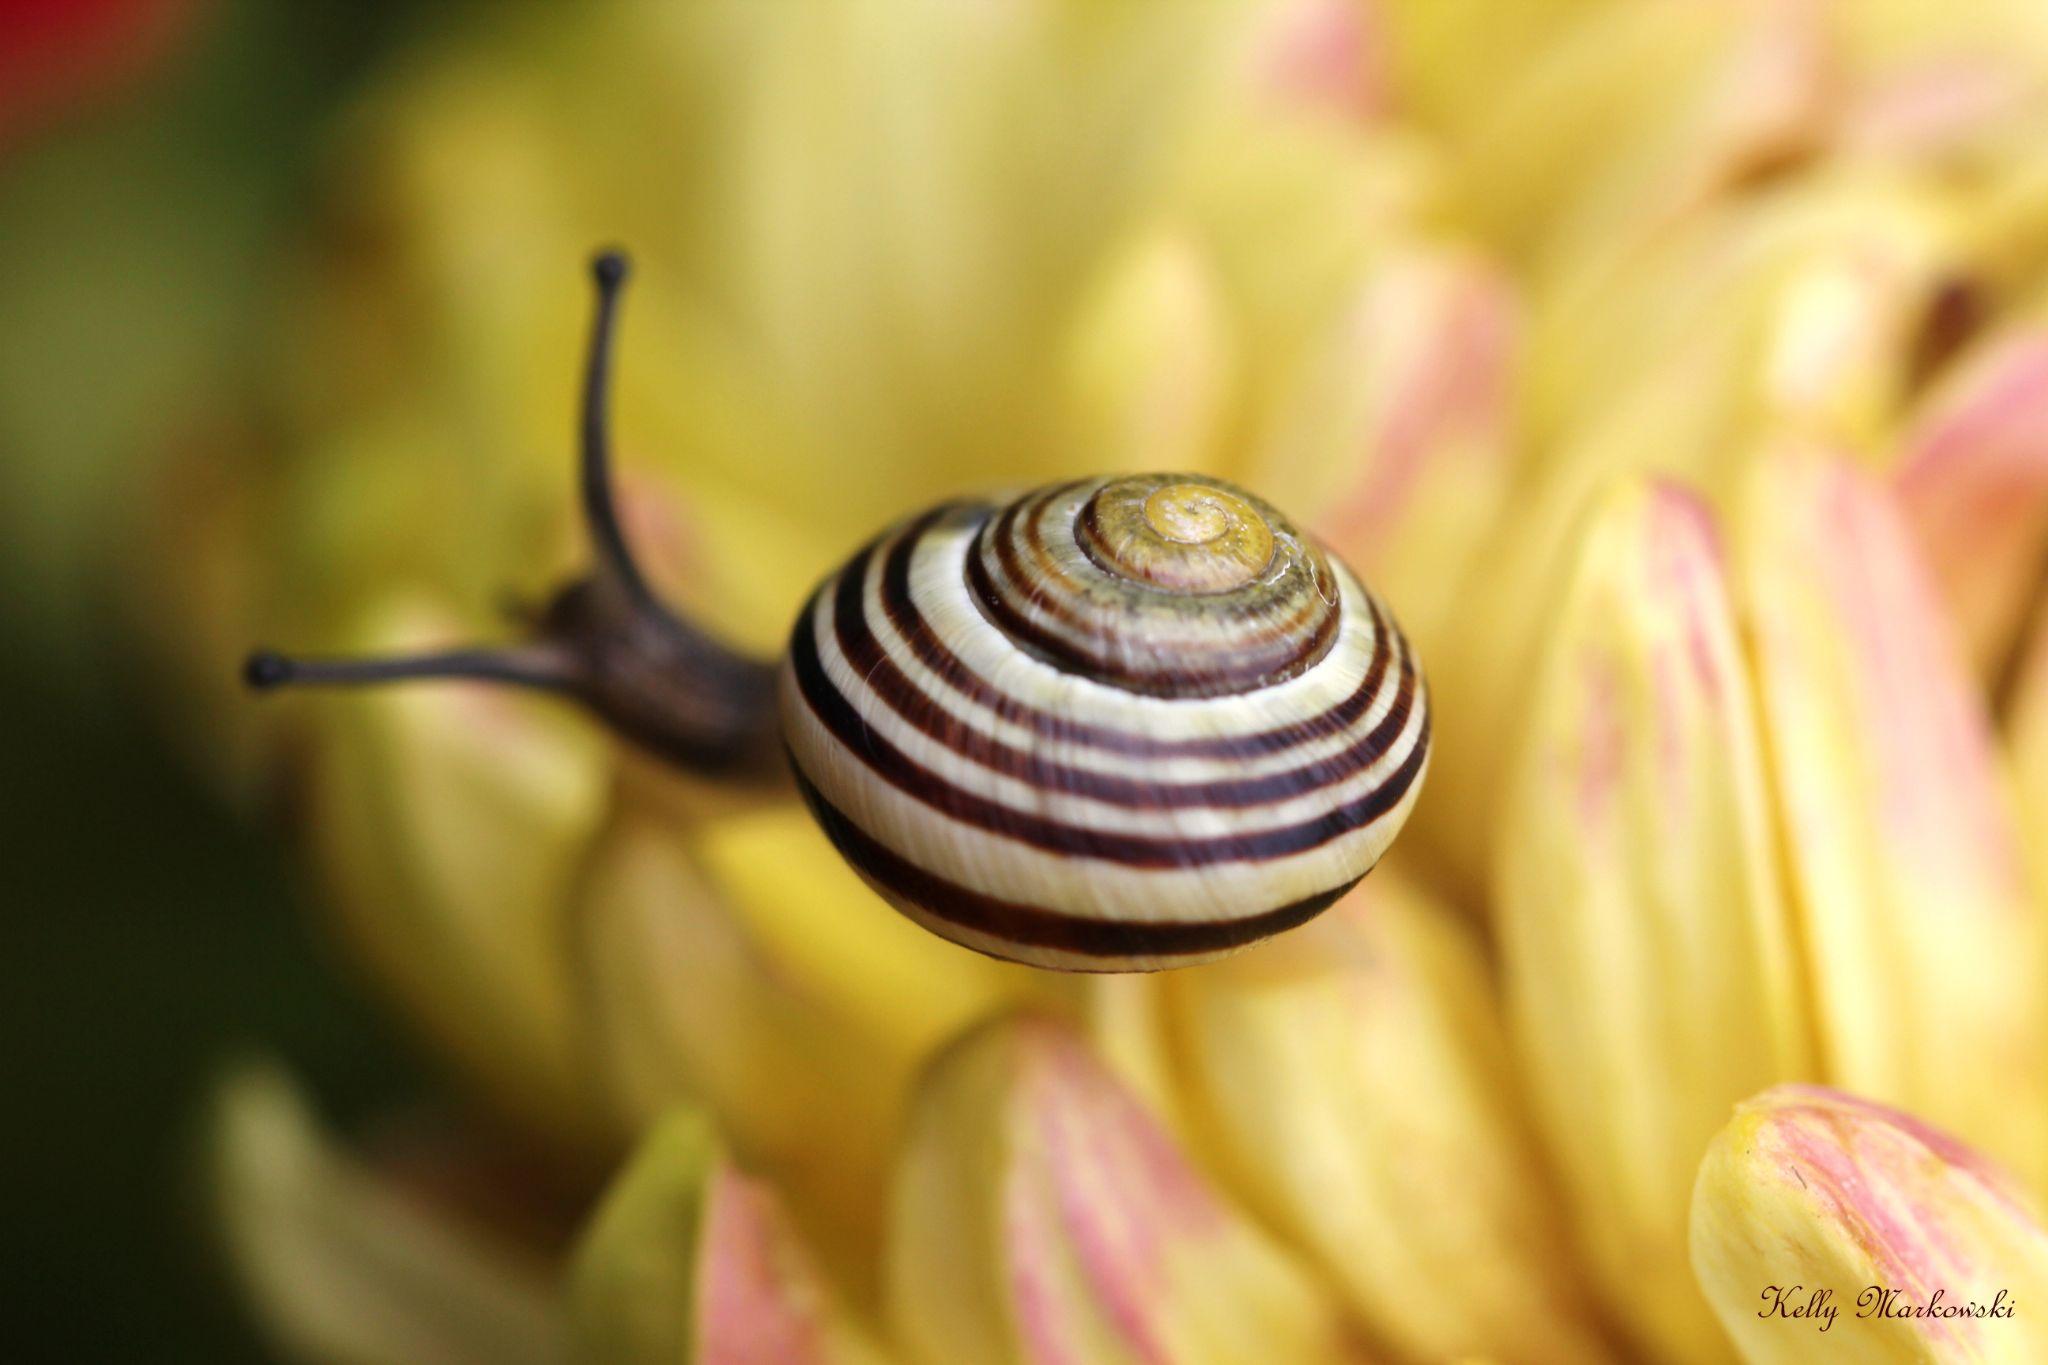 Swirl by kelly.markowski.7